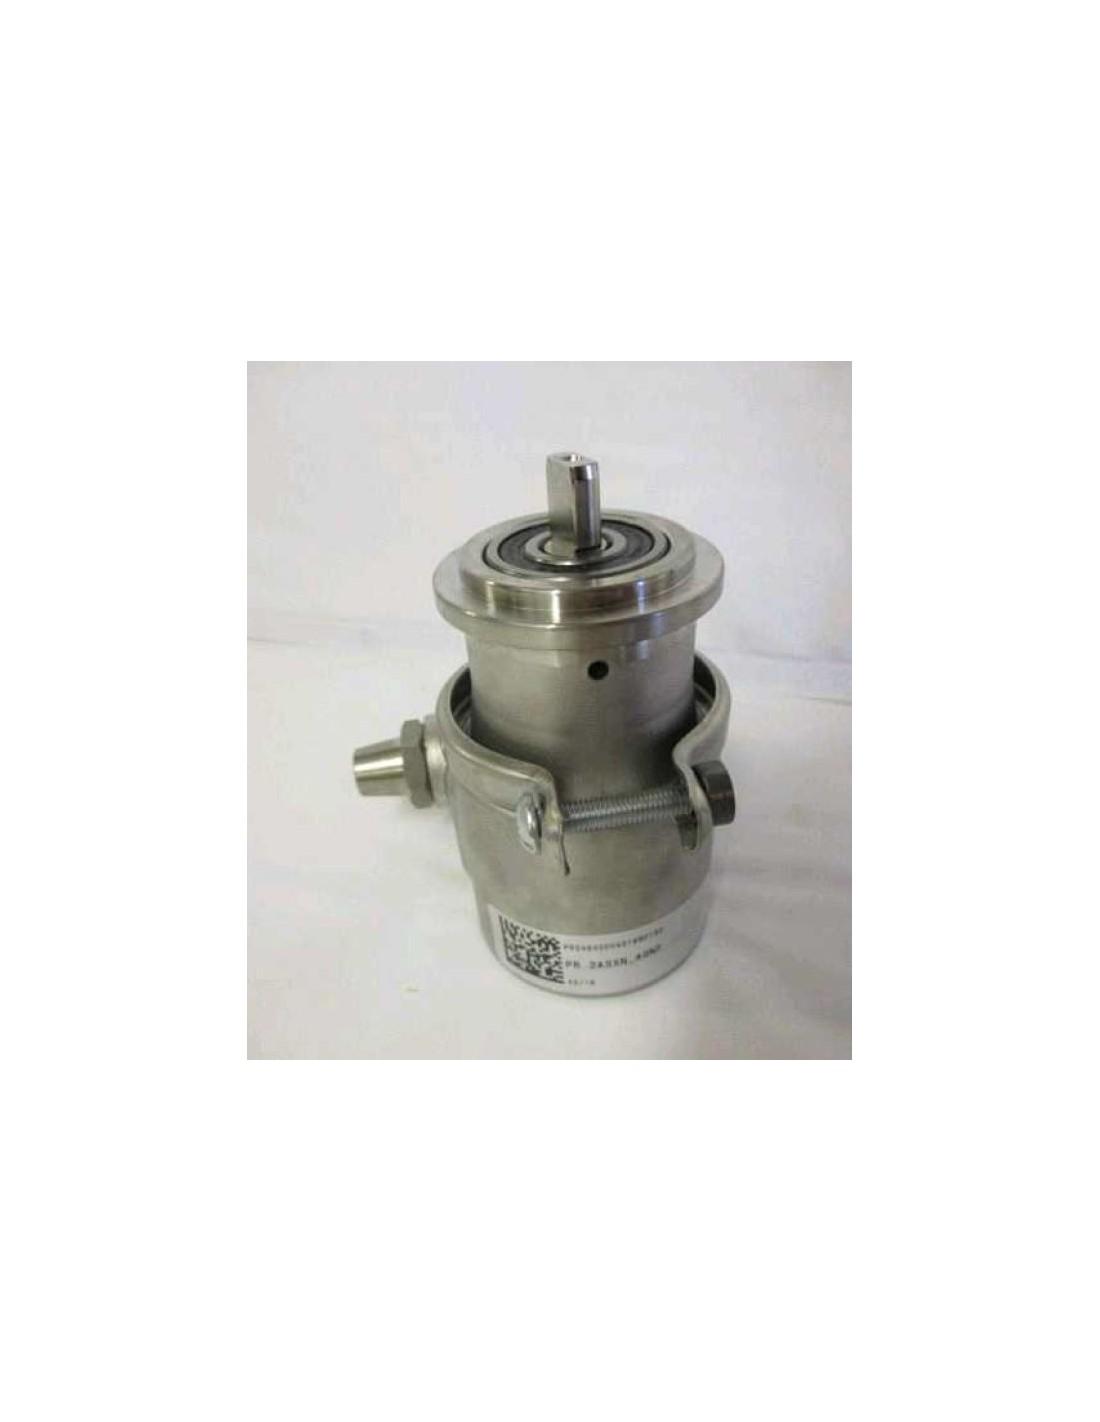 PUC02049 - Tillbehör - Pump PR 2 ASX till AS-110 SODA